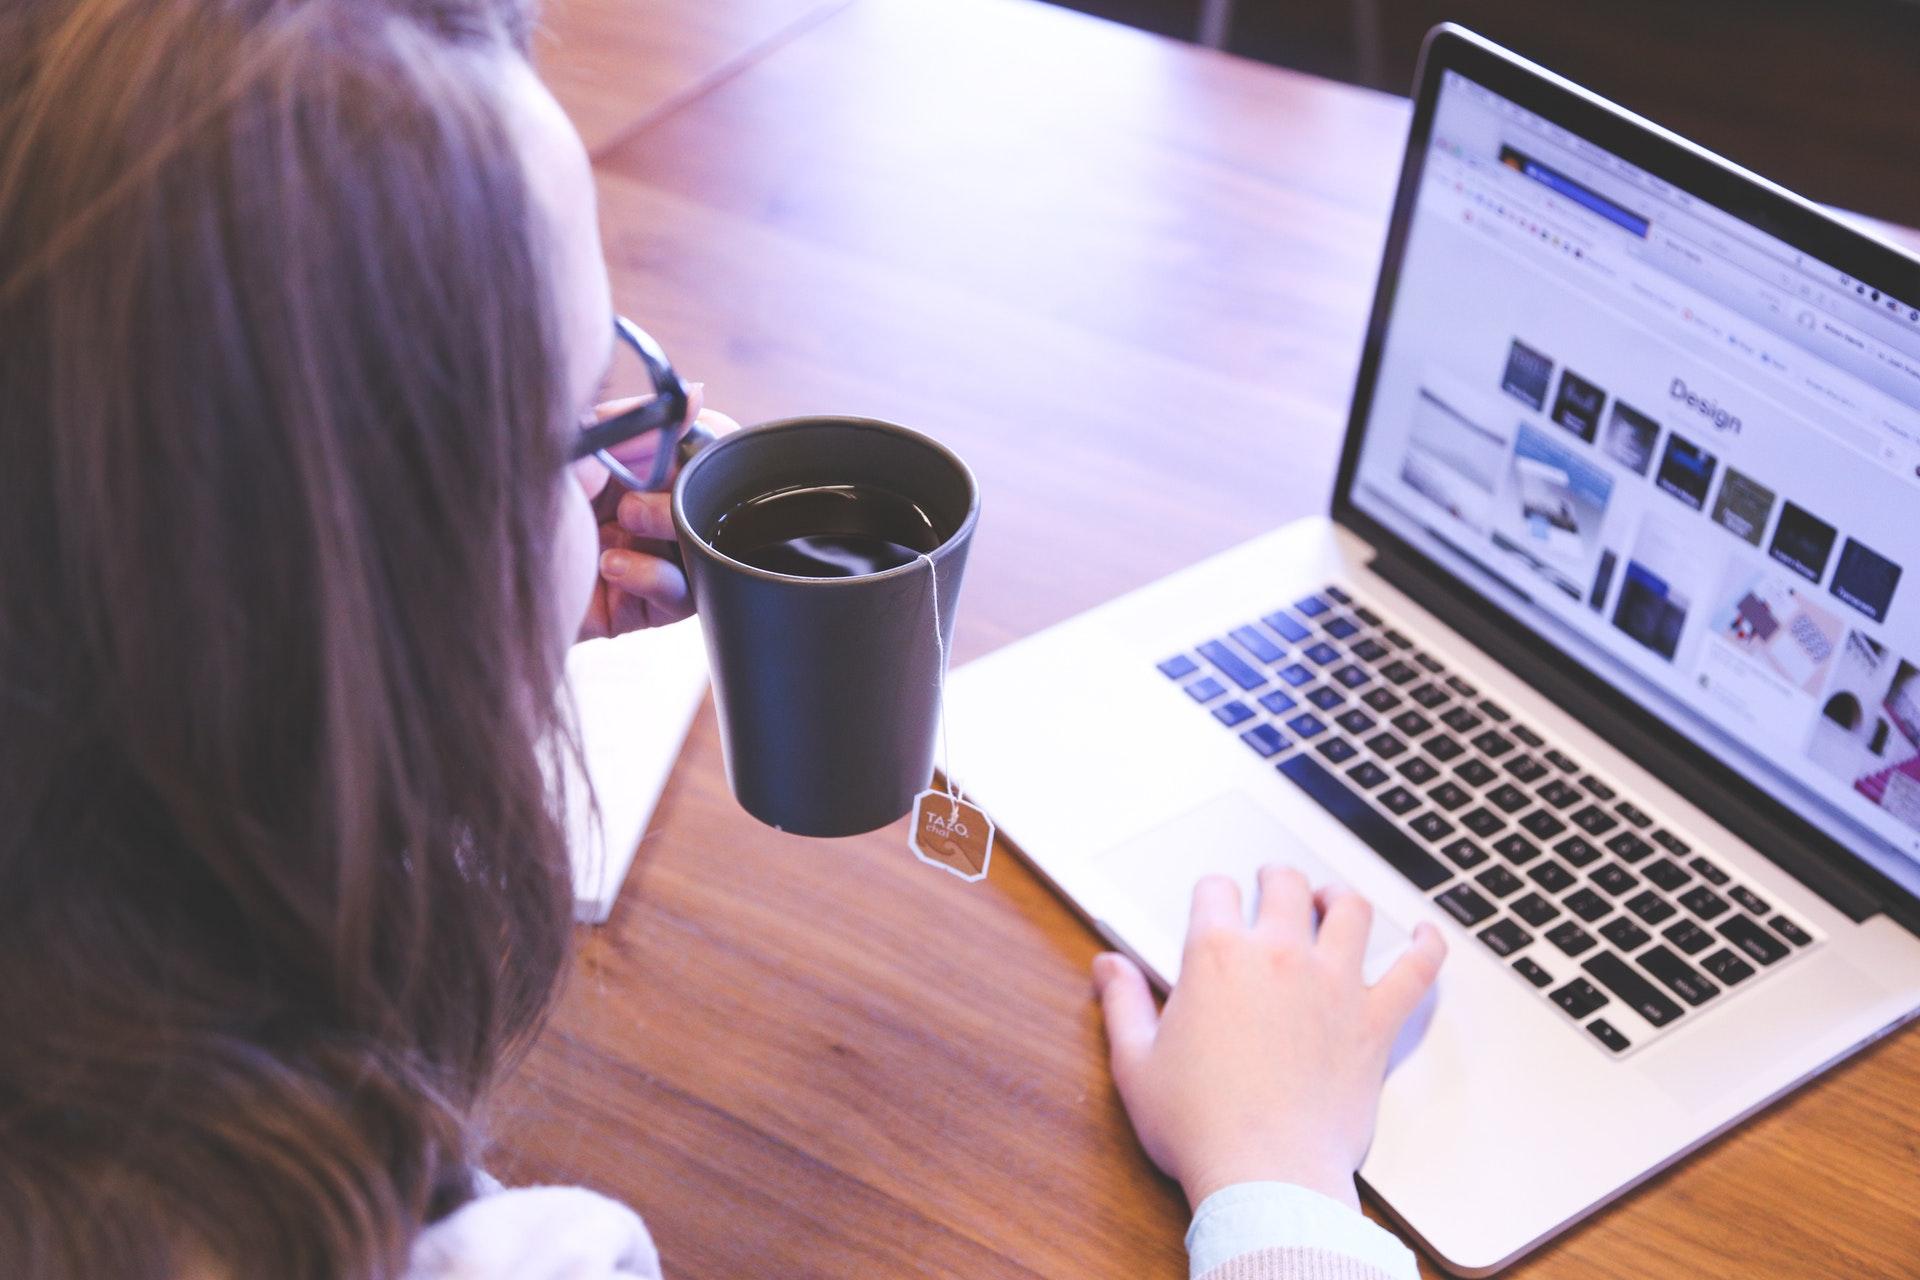 Vemos uma mulher tomando uma xícara de café enquanto utiliza o seu computador; aparentemente ela está na sala de estar de casa (imagem ilustrativa). Texto: o que é home based.